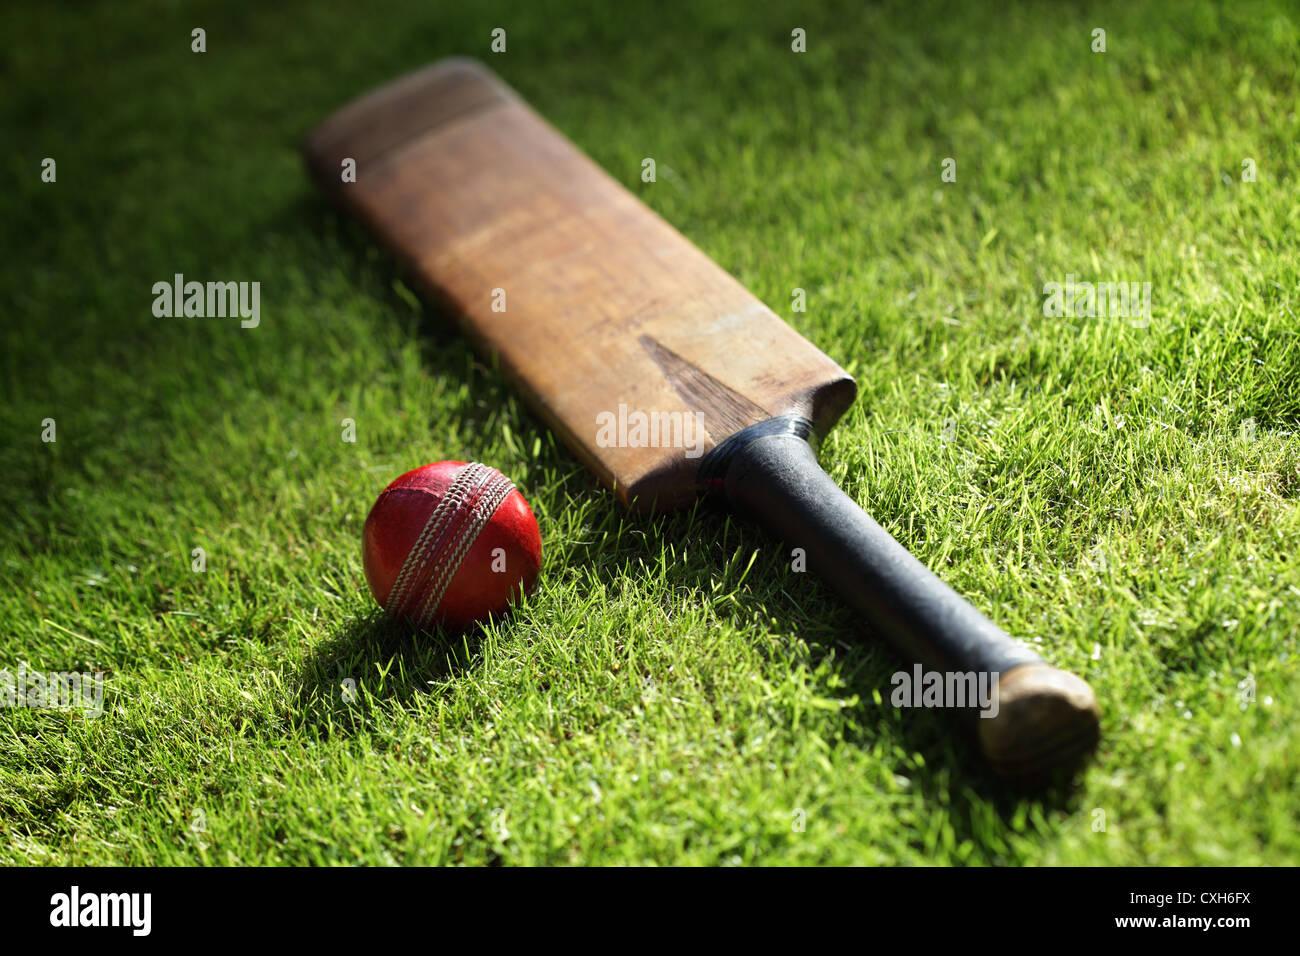 Cricket bat e sfera Immagini Stock